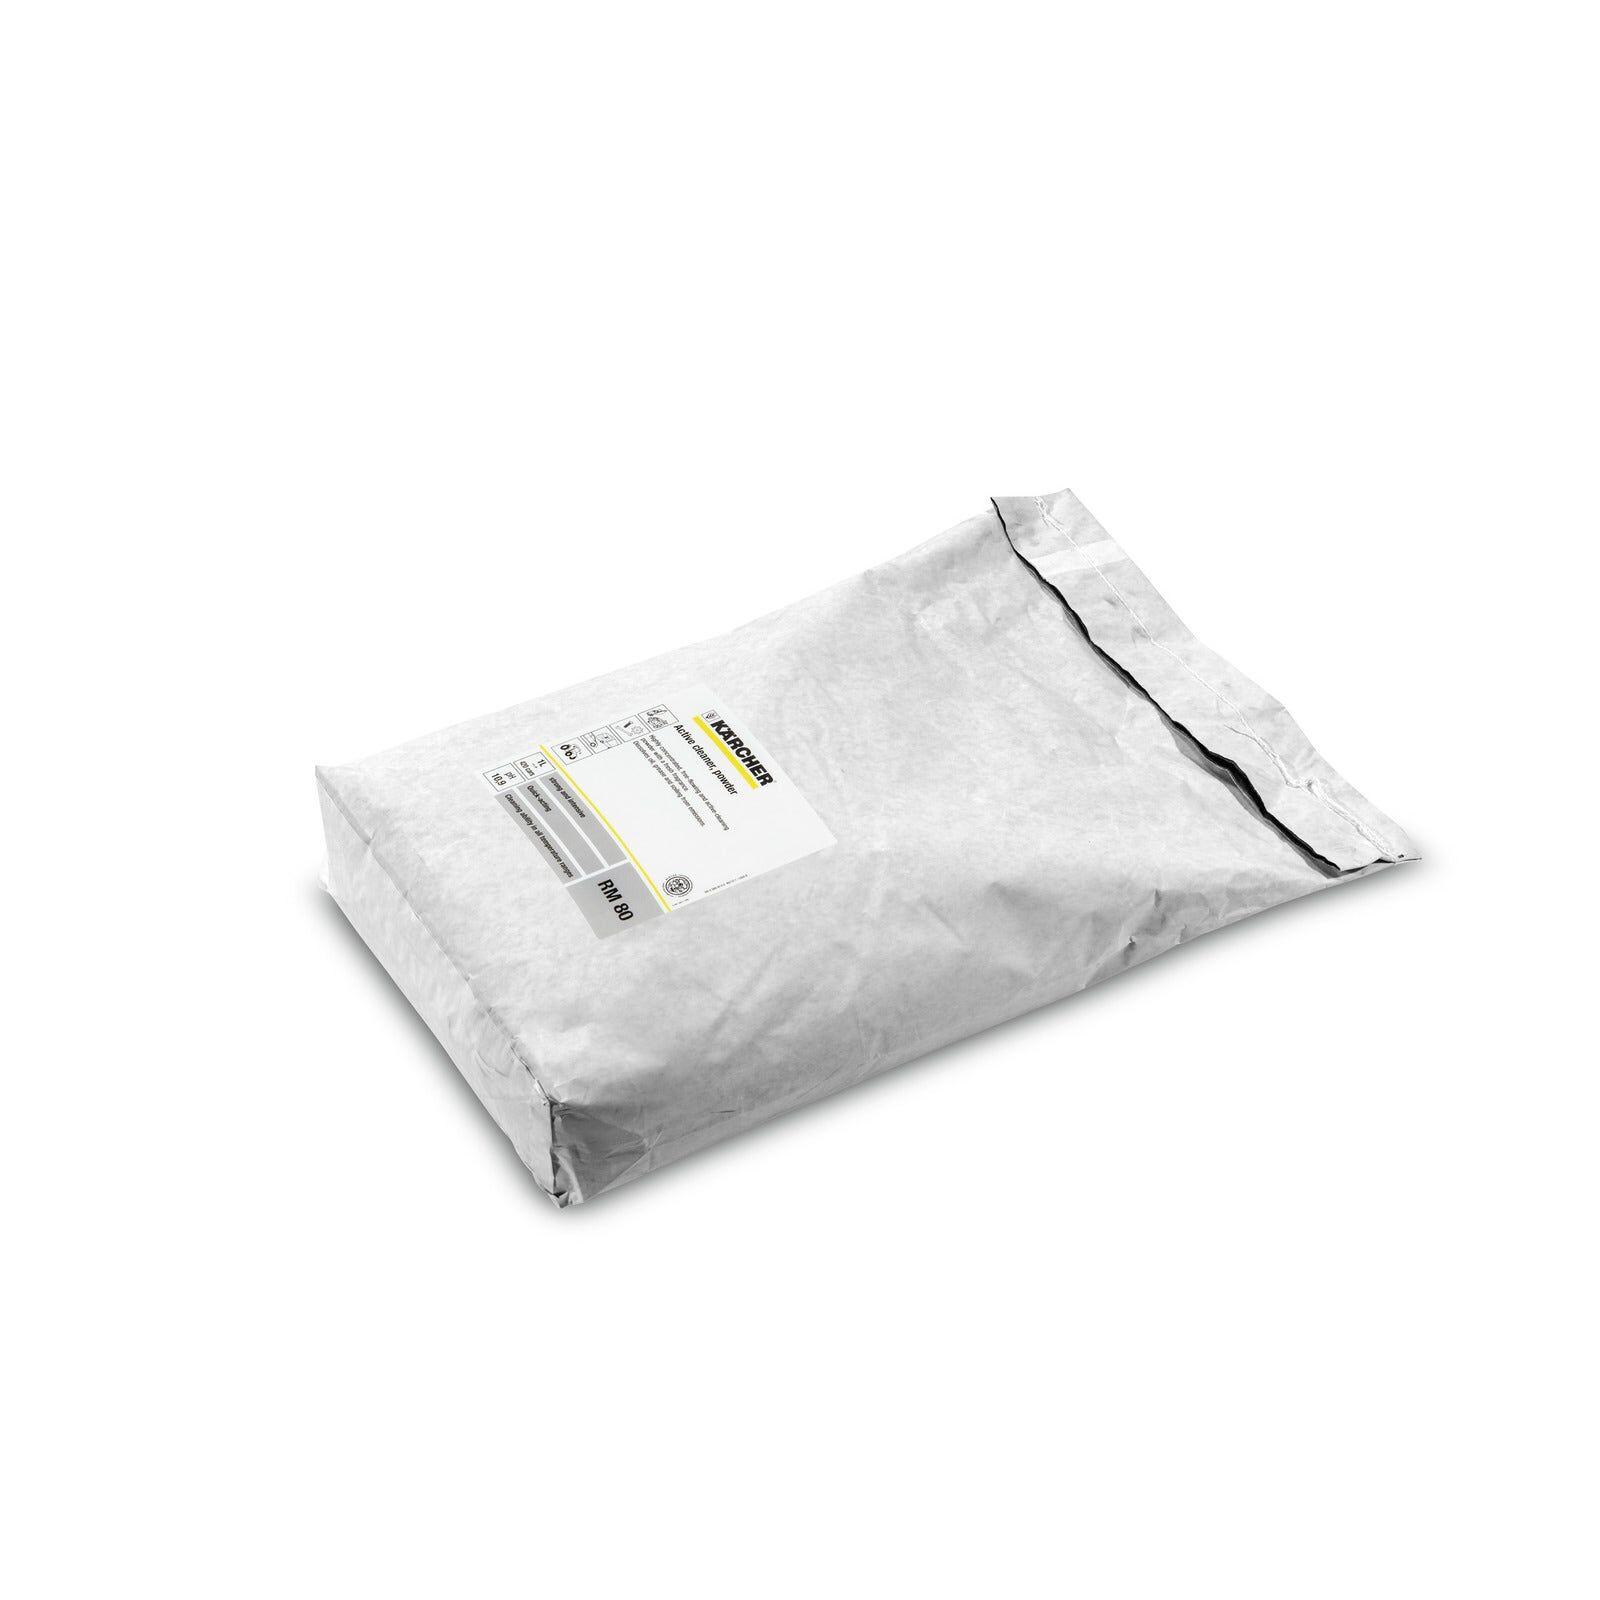 Kärcher Détergent actif PressurePro RM 80 en poudre 20 kg